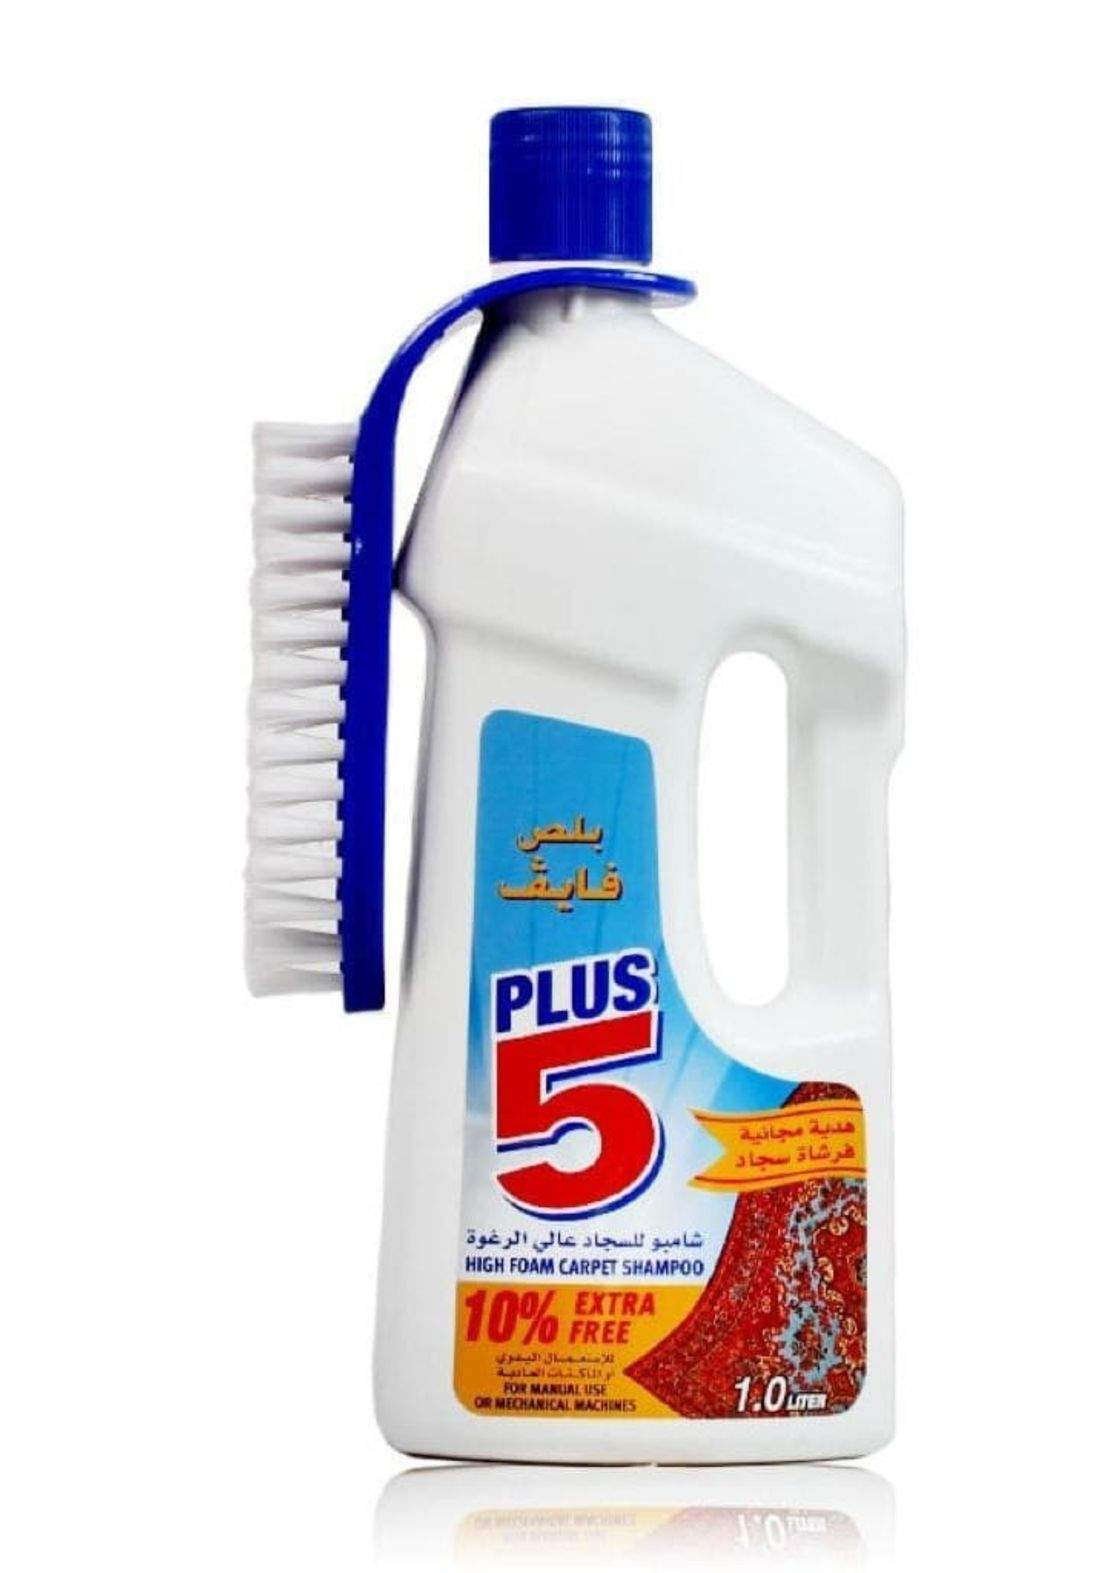 high foam carpet shampoo five plus 1L شامبو السجاد عالي الرغوة فايف بلاس